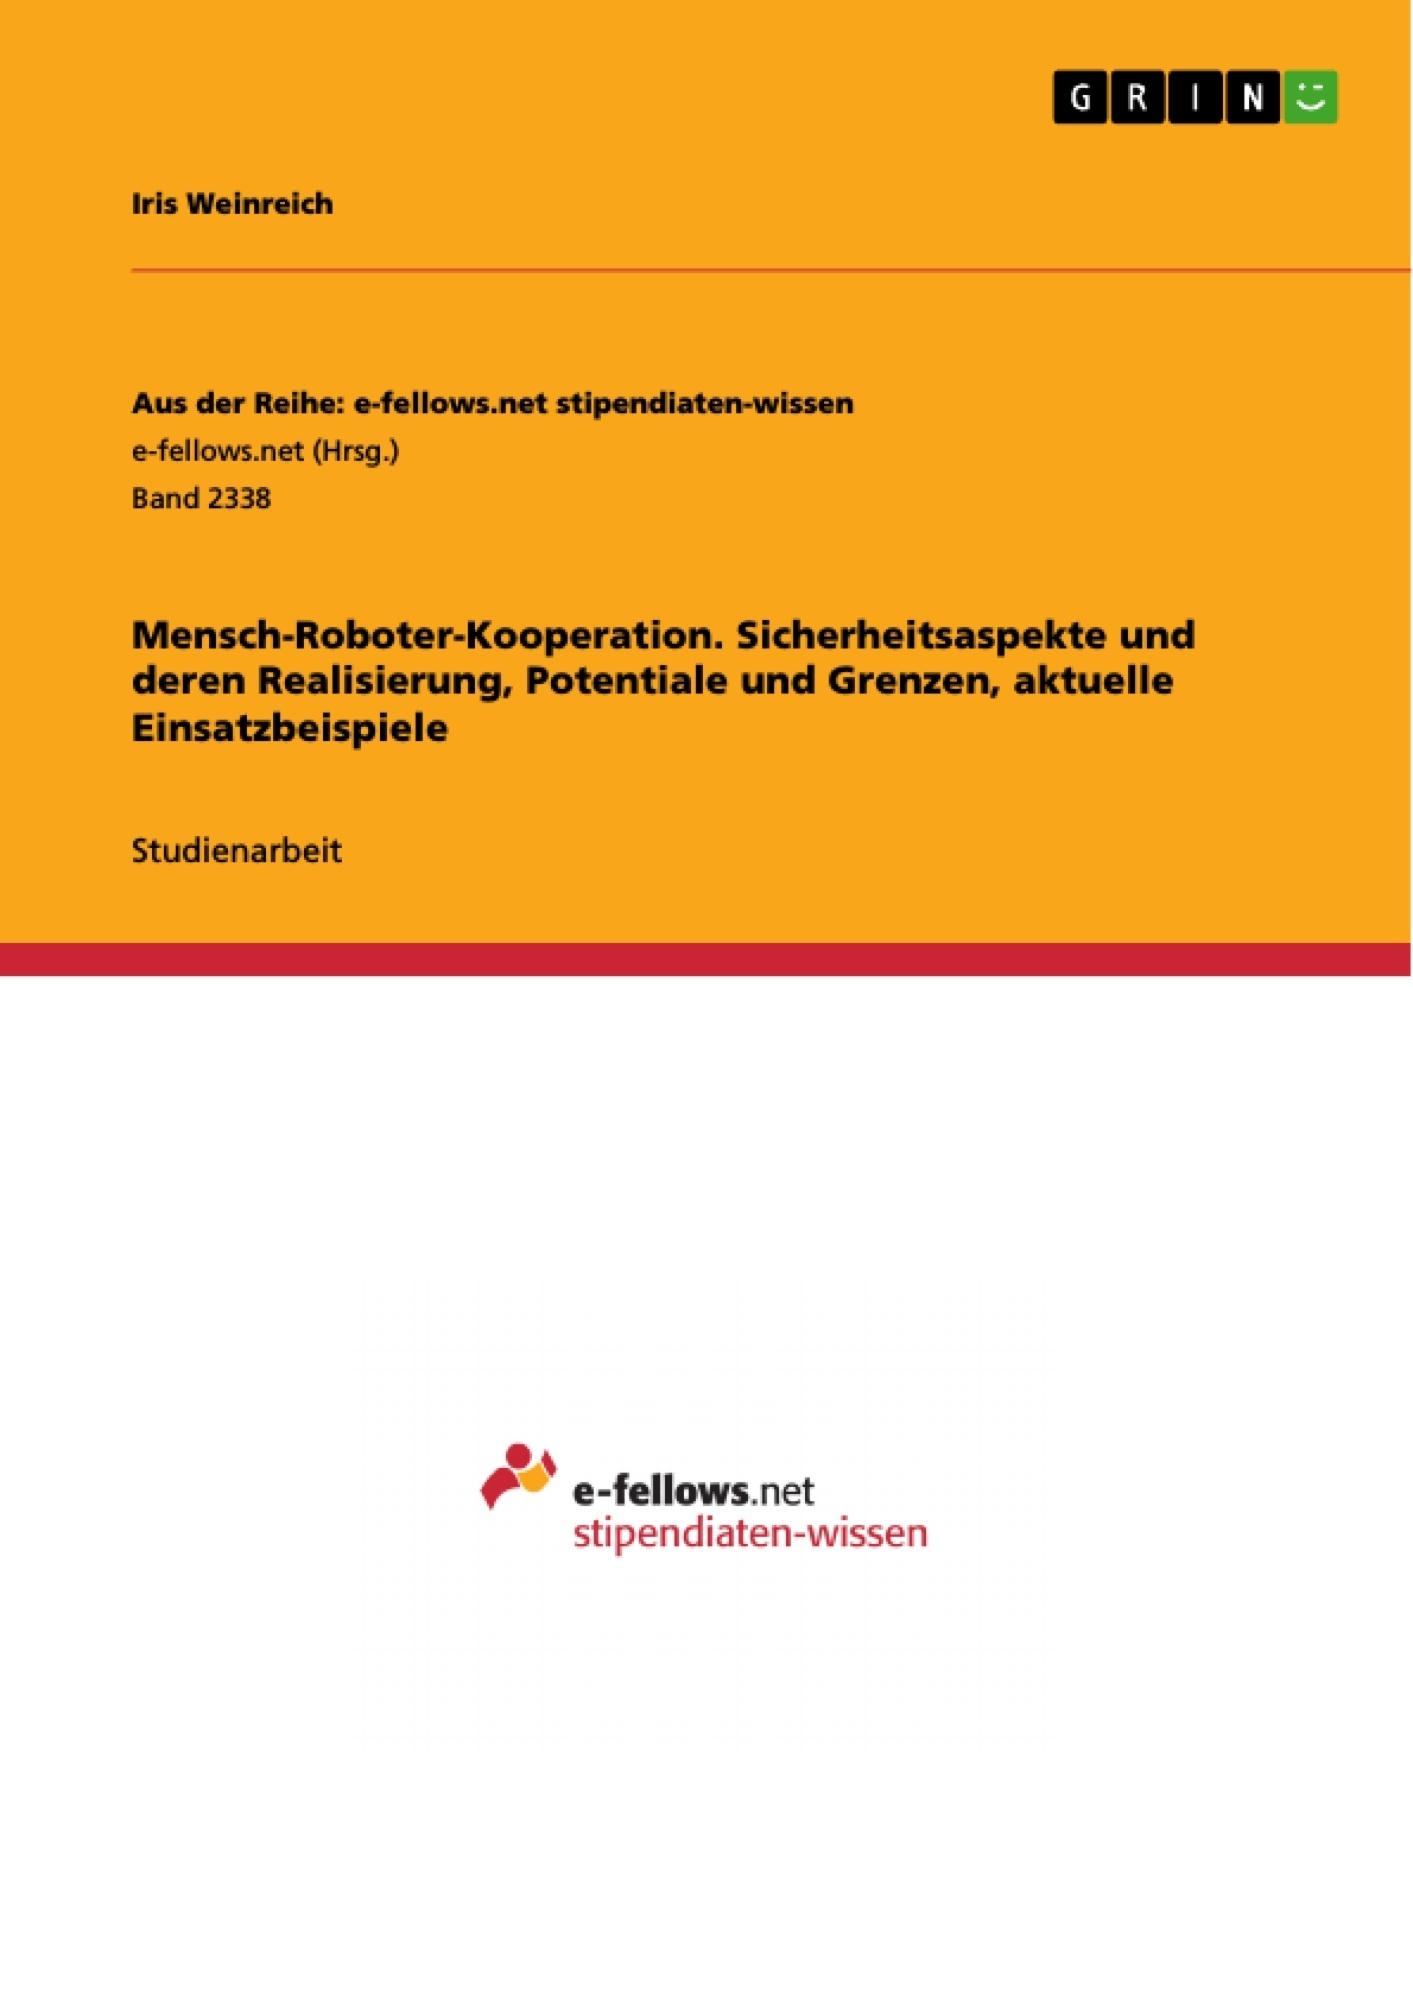 Titel: Mensch-Roboter-Kooperation. Sicherheitsaspekte und deren Realisierung, Potentiale und Grenzen, aktuelle Einsatzbeispiele